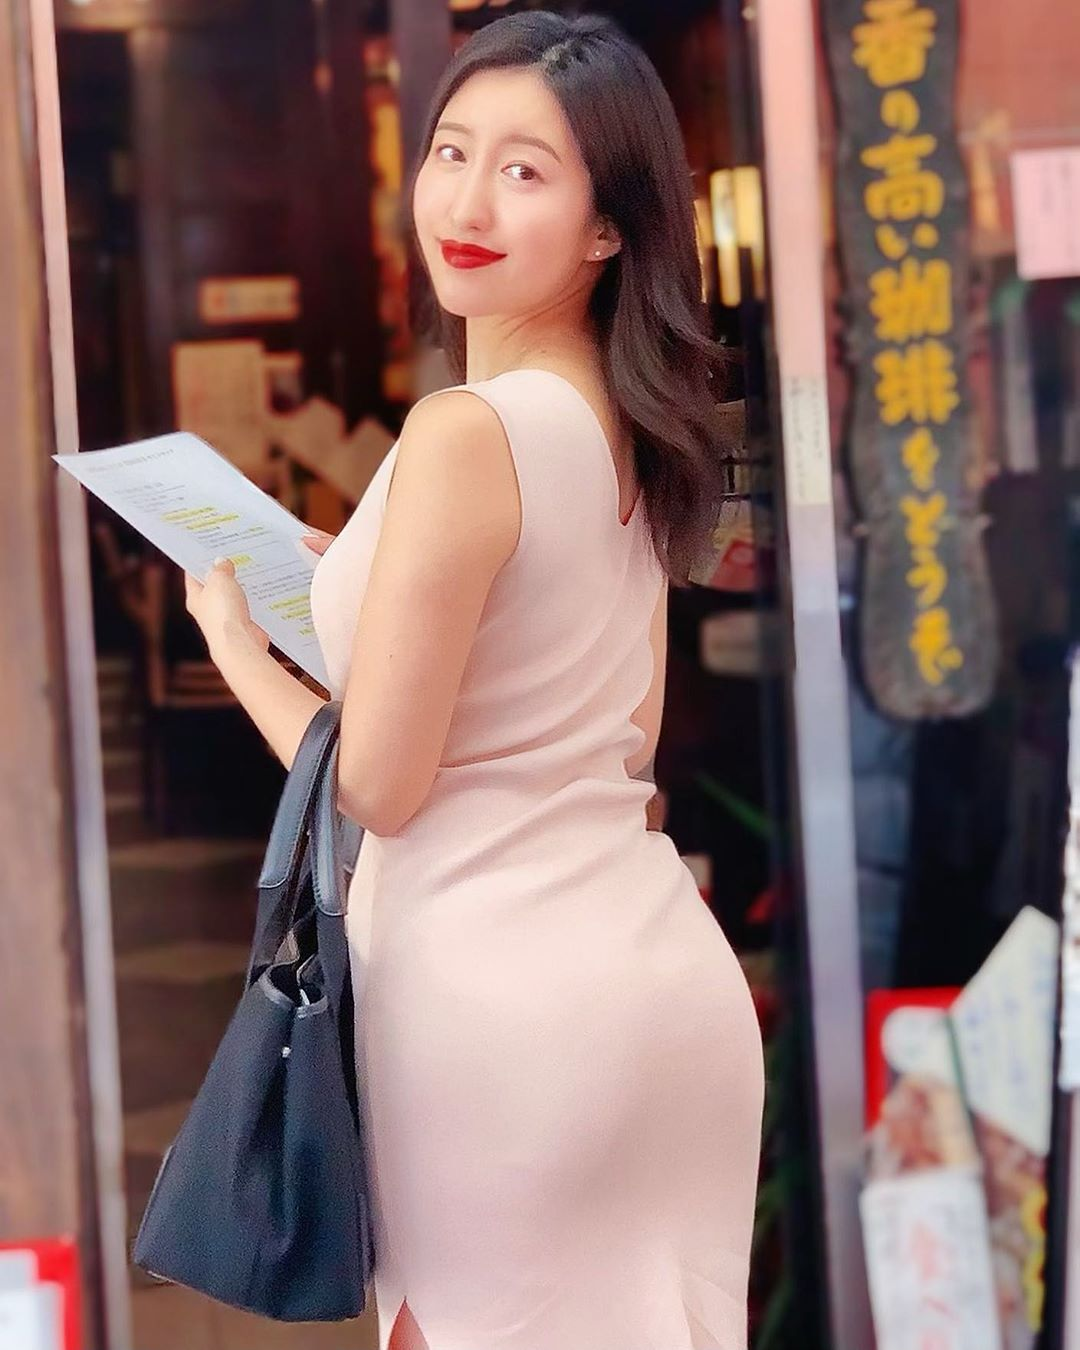 tsukigami_marina033.jpg